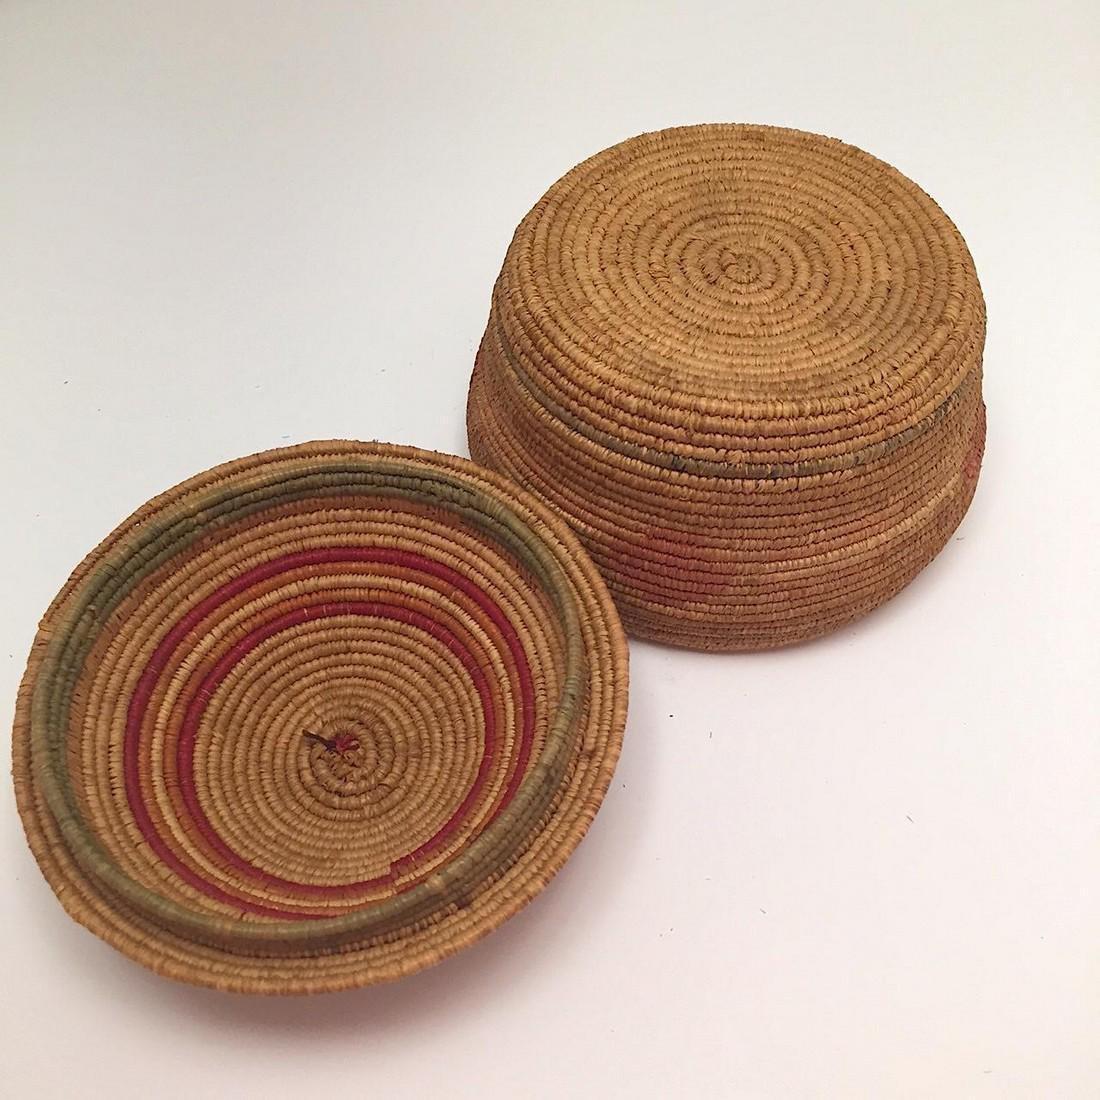 Northwest Coast Salish Lidded Coiled Basket - 2